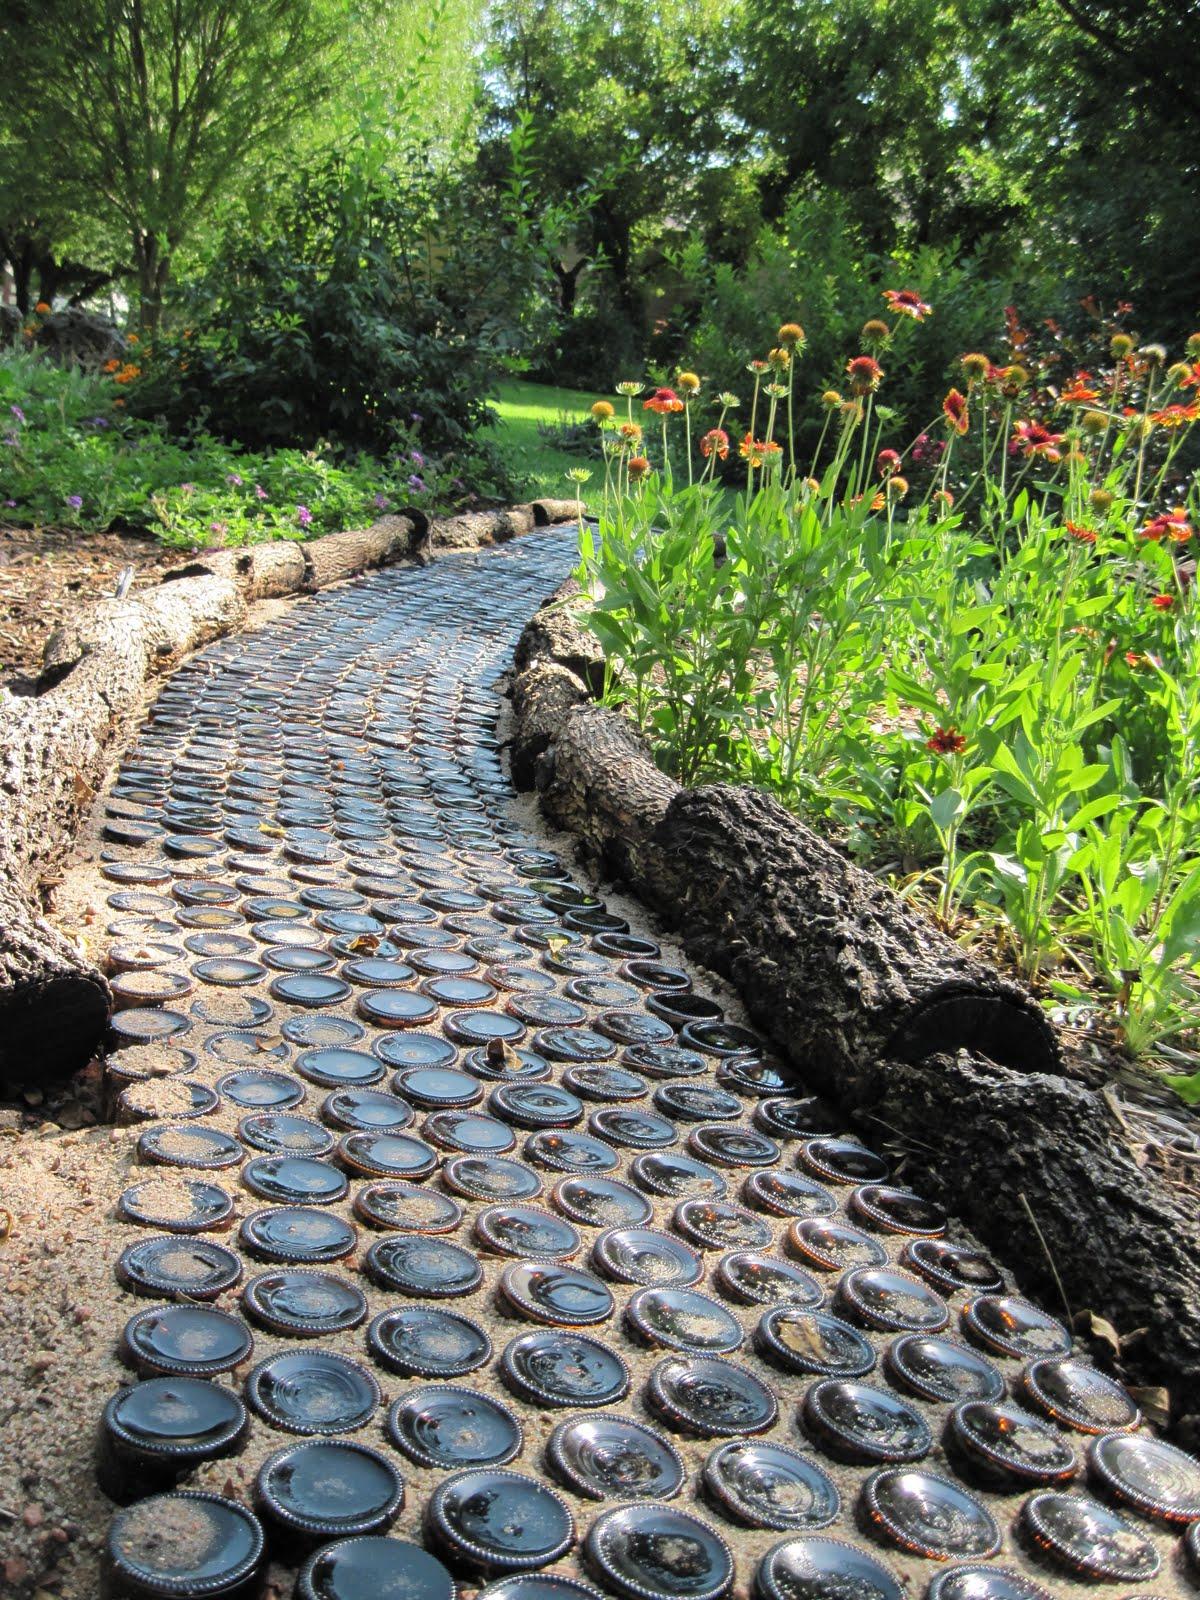 Garden Path from Wine Bottles